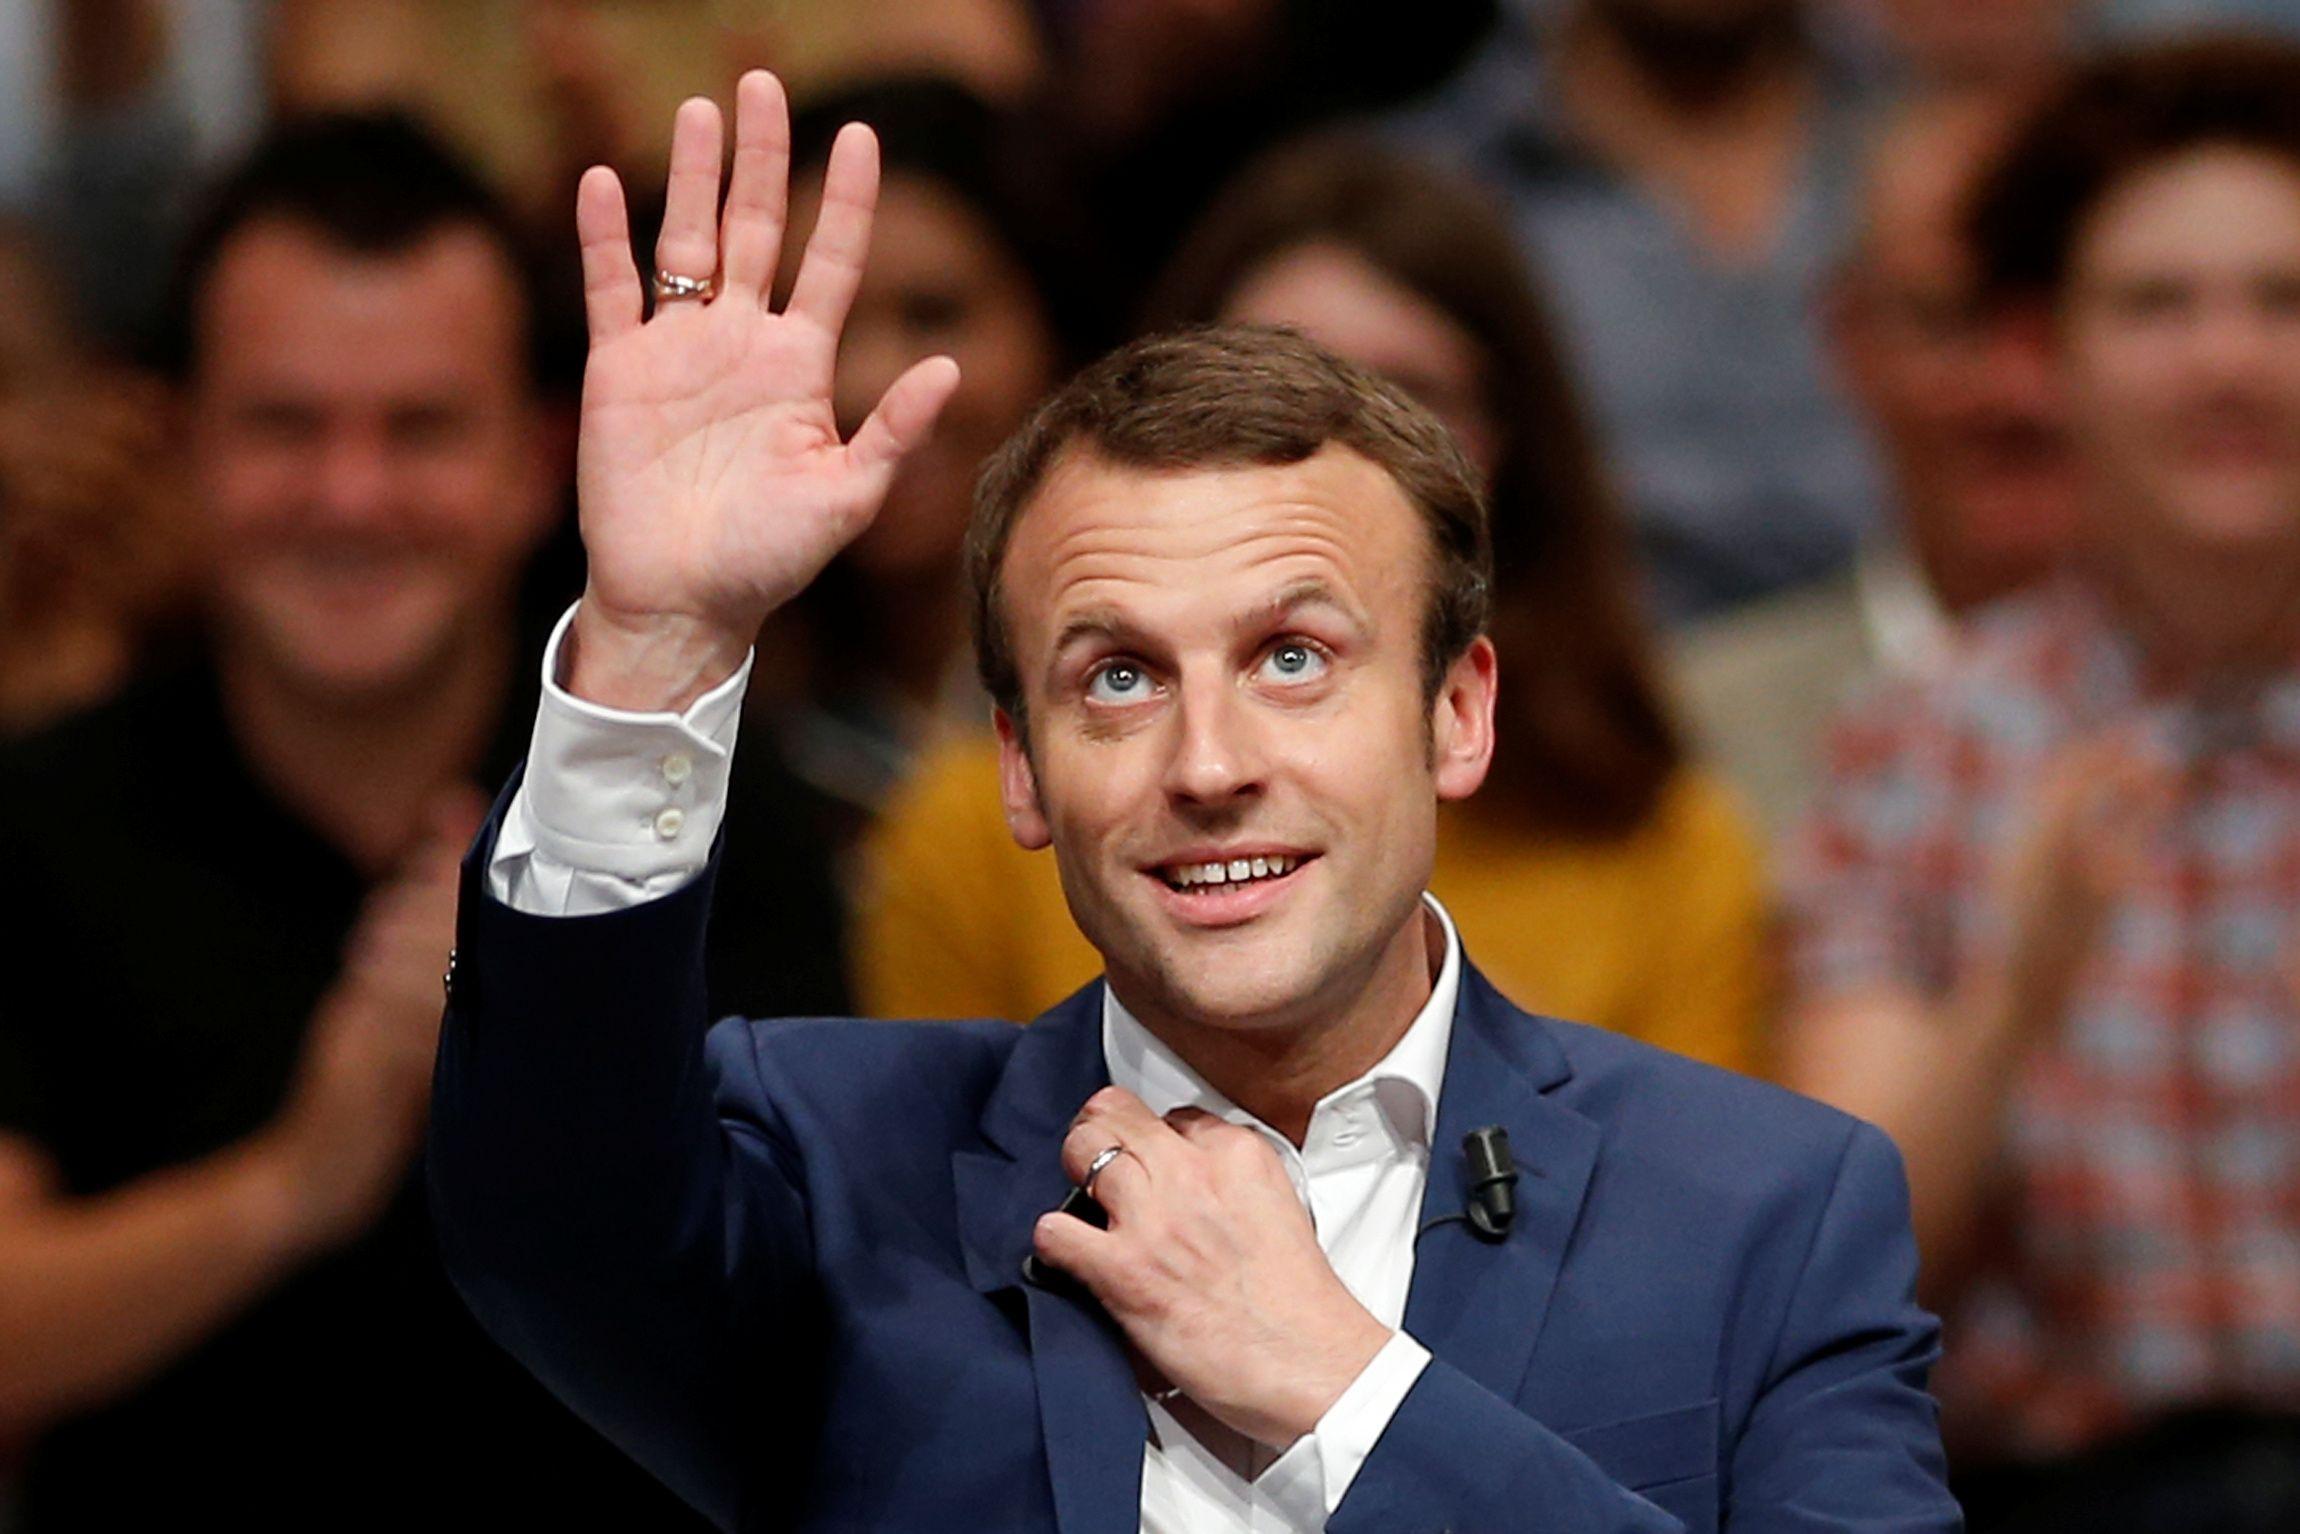 Élection présidentielle : Macron devance Hollande et Valls